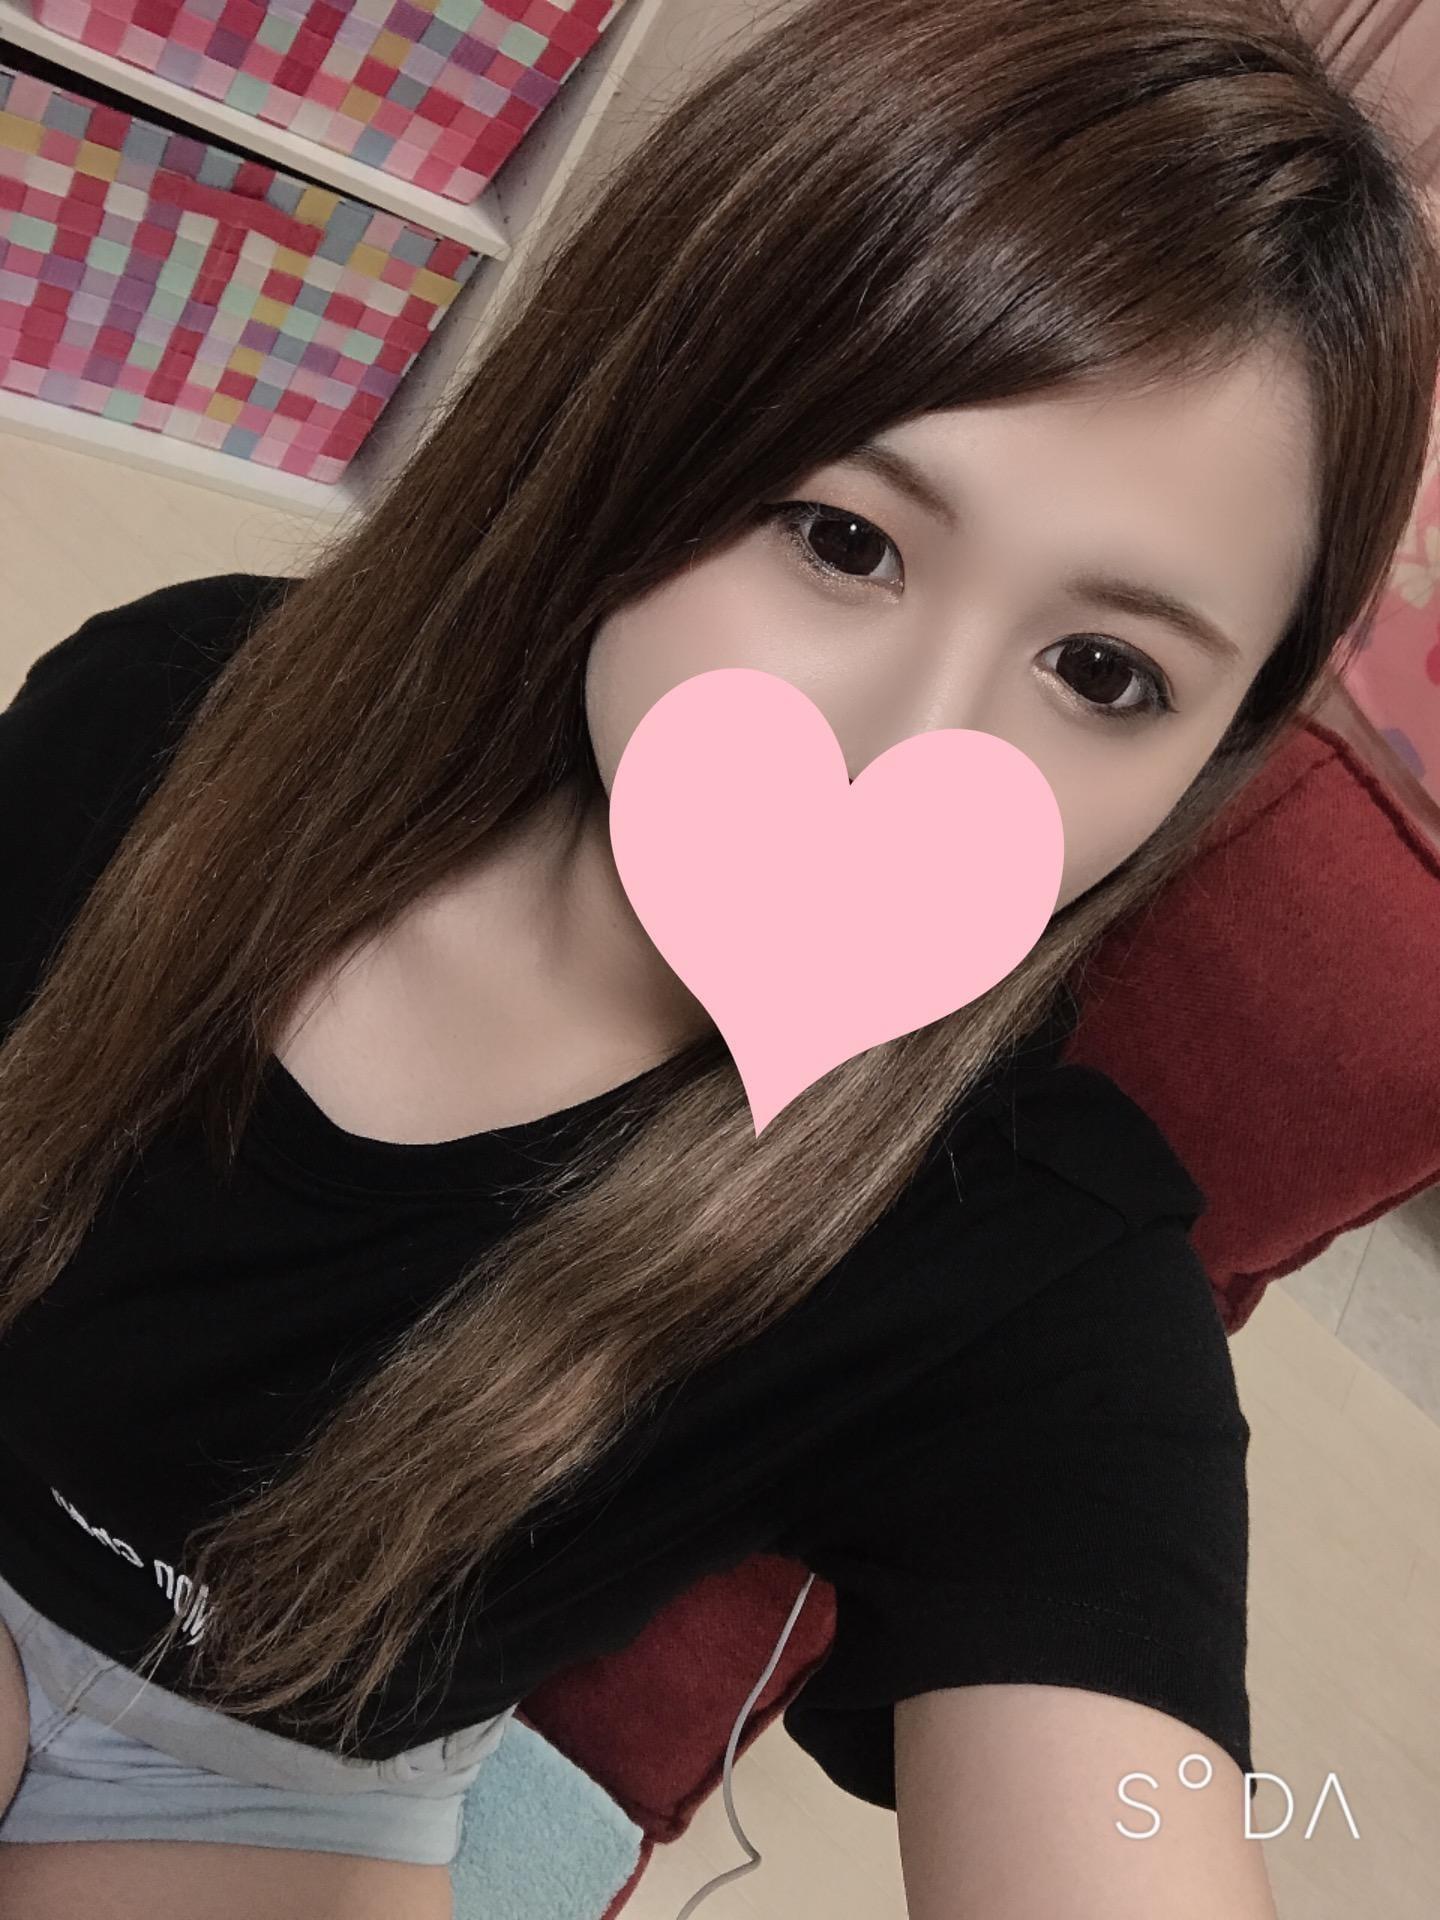 「こんにちわ♡」06/11(06/11) 14:53   れなの写メ・風俗動画